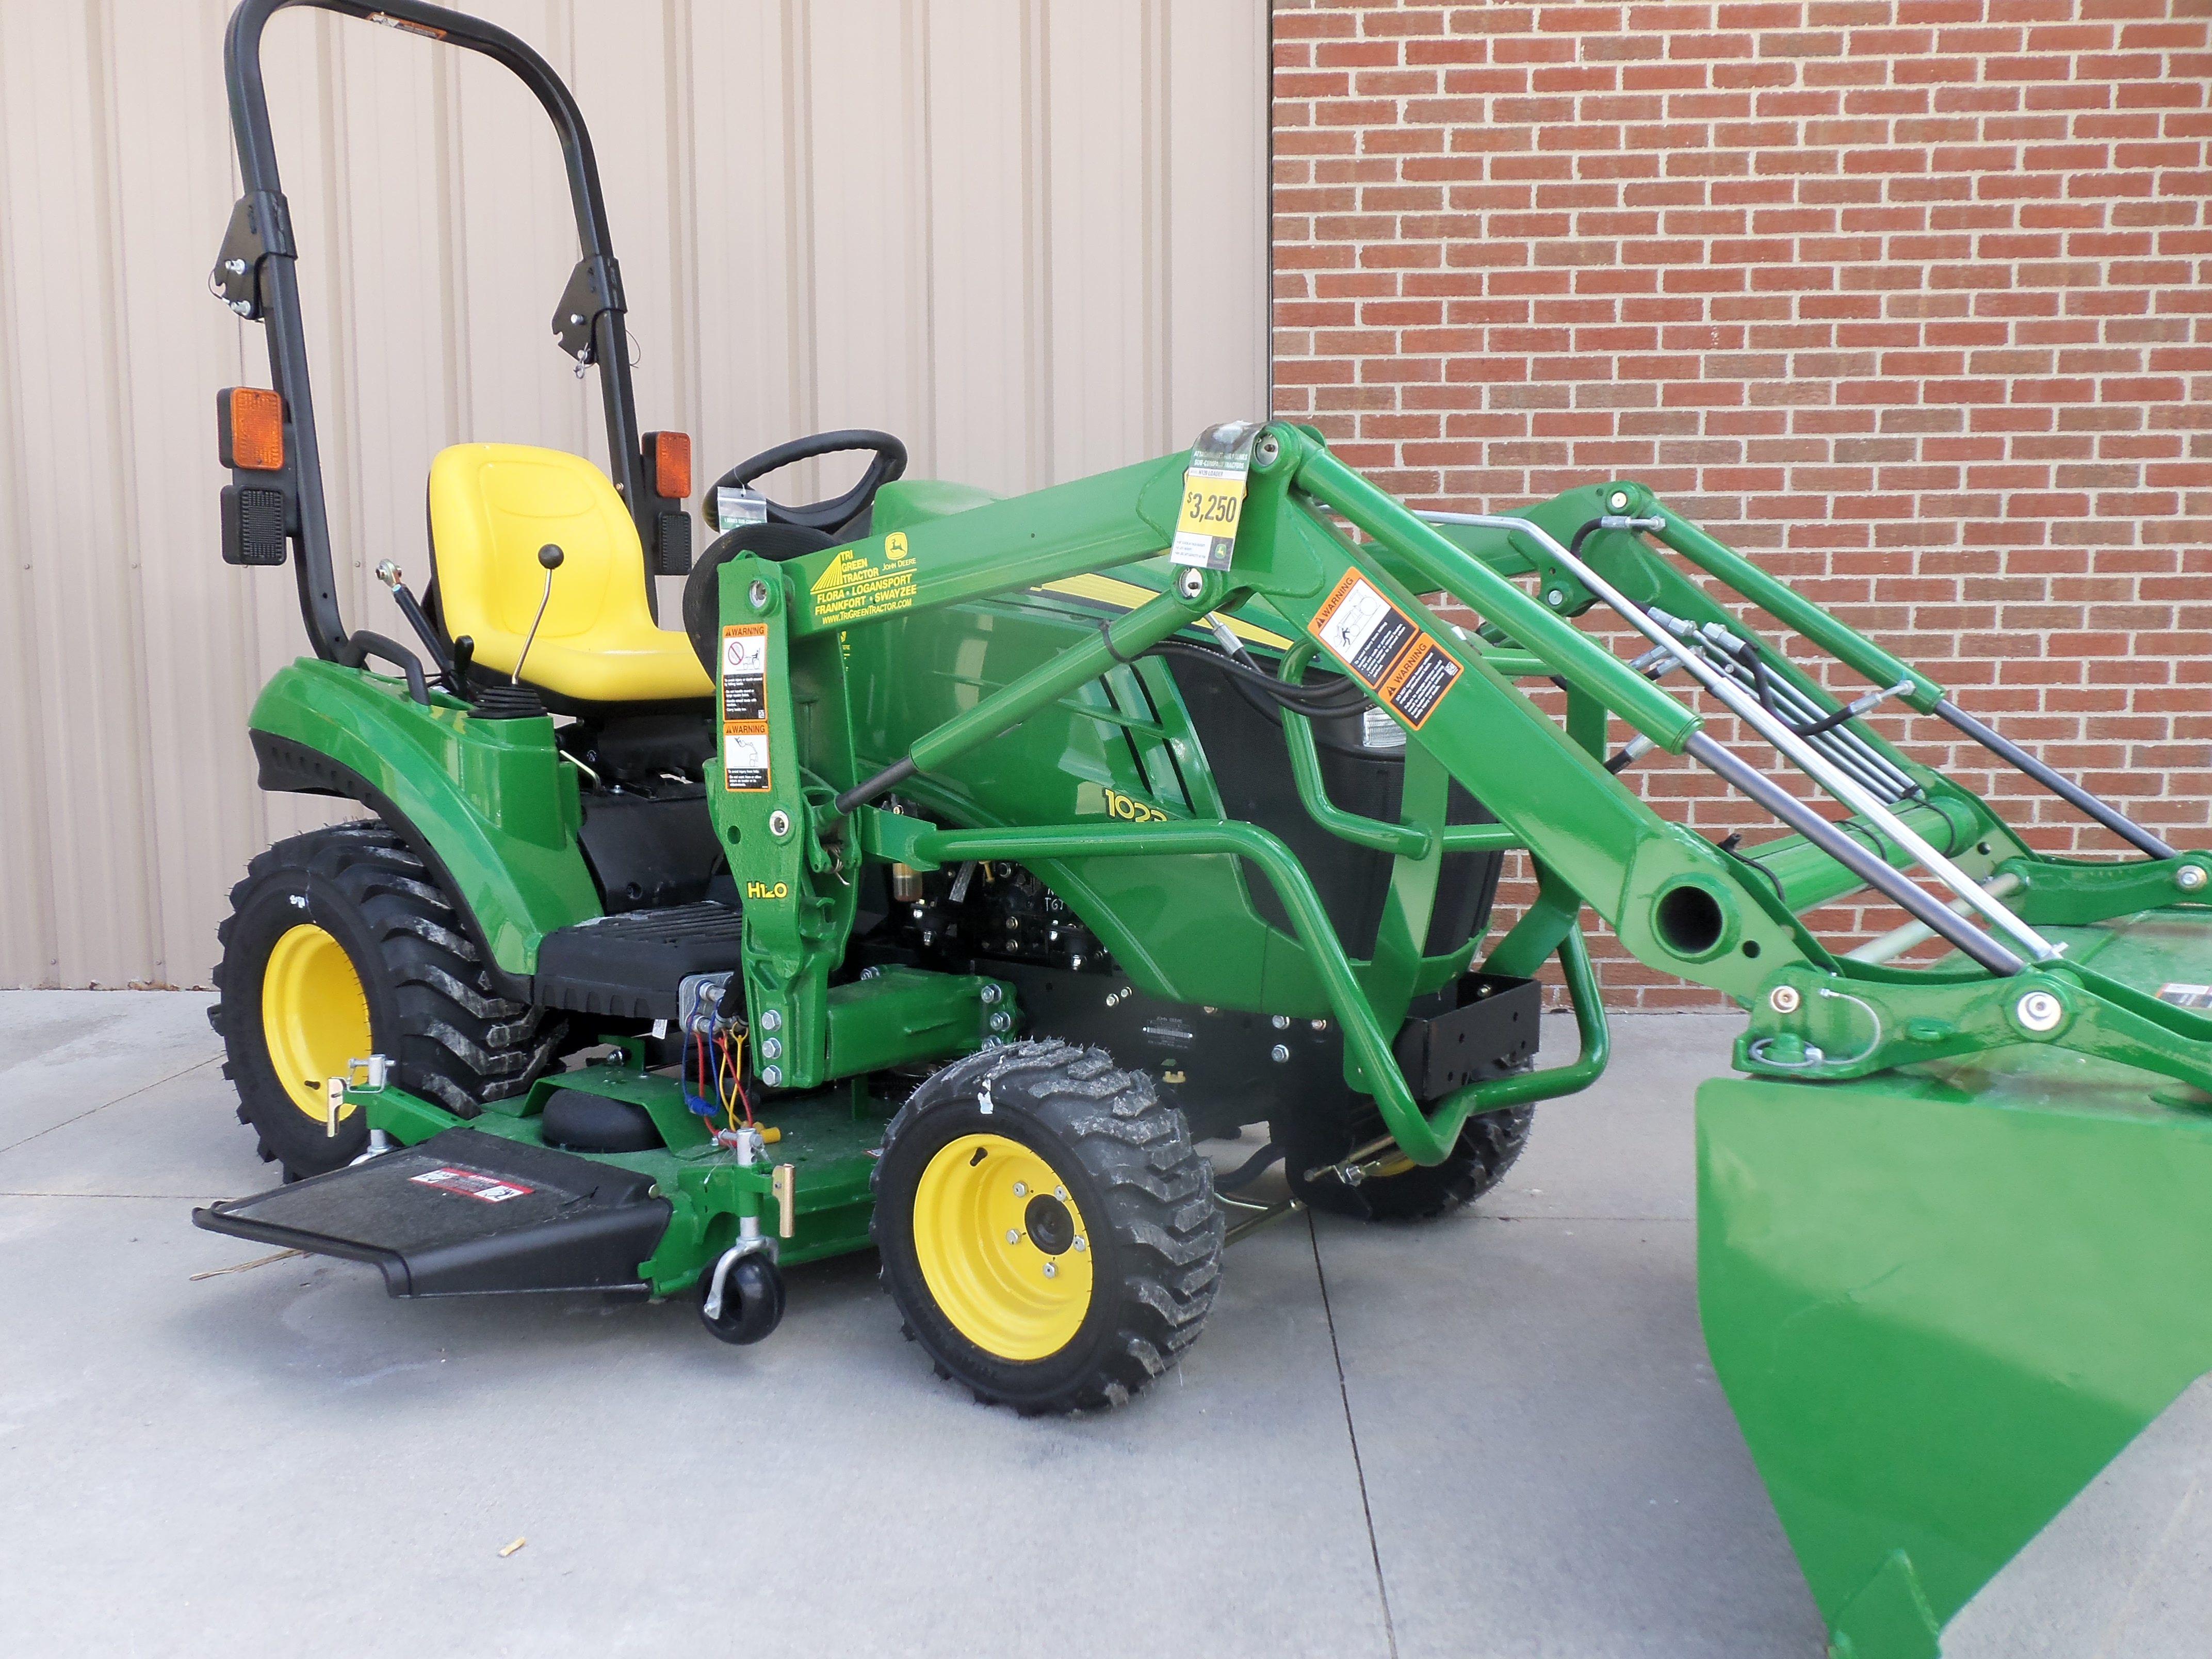 John Deere 1023E with H120 loader